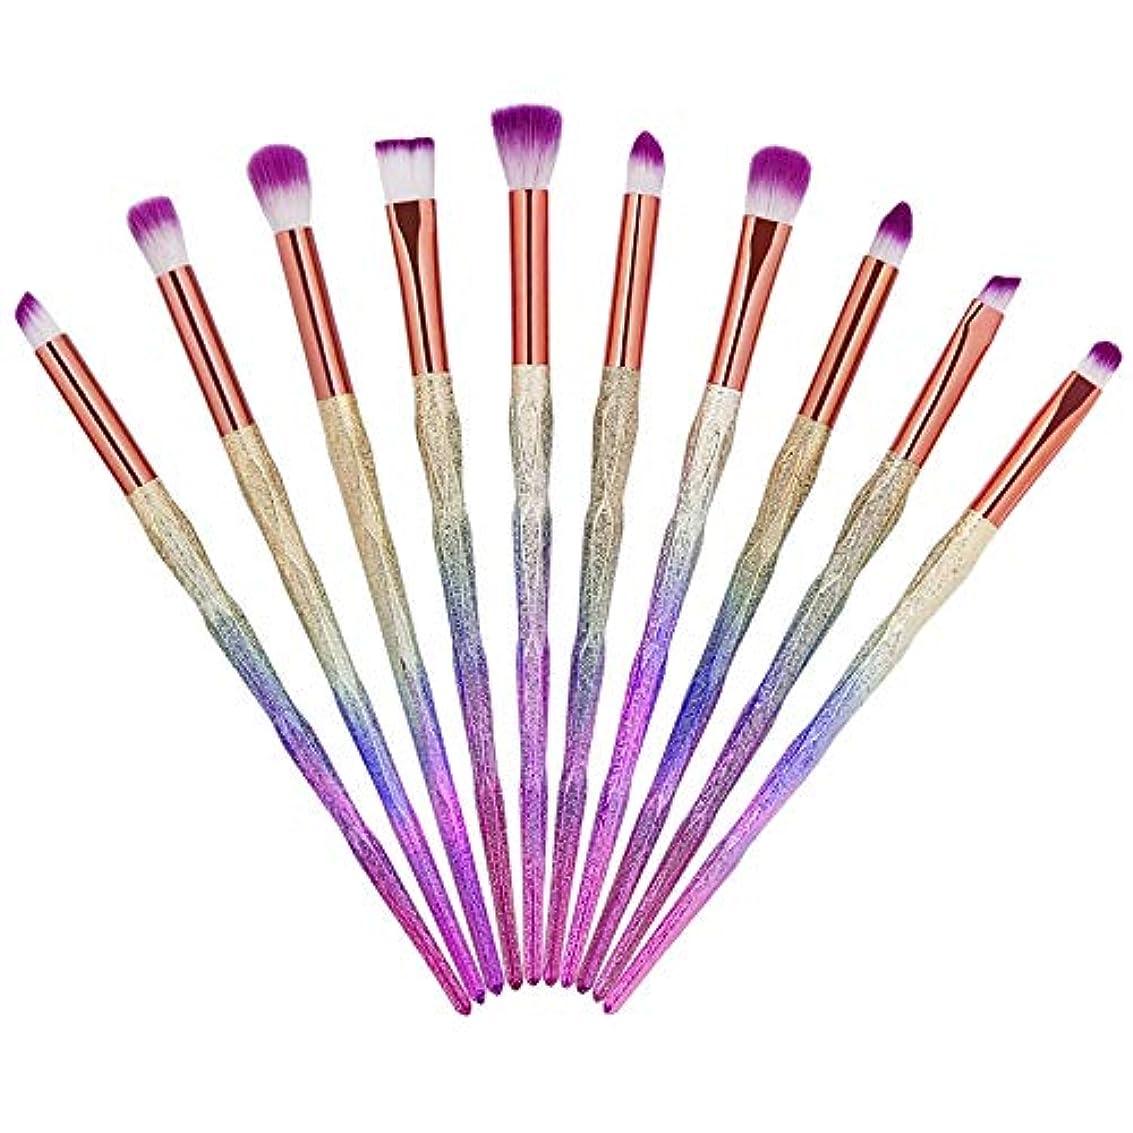 気性マークプラスチックアイシャドウブラシセット メイクブラシ 12本セット 化粧筆 フェイスブラシ 化粧ブラシ 携帯便利 高級繊維毛 化 専用ポーチ